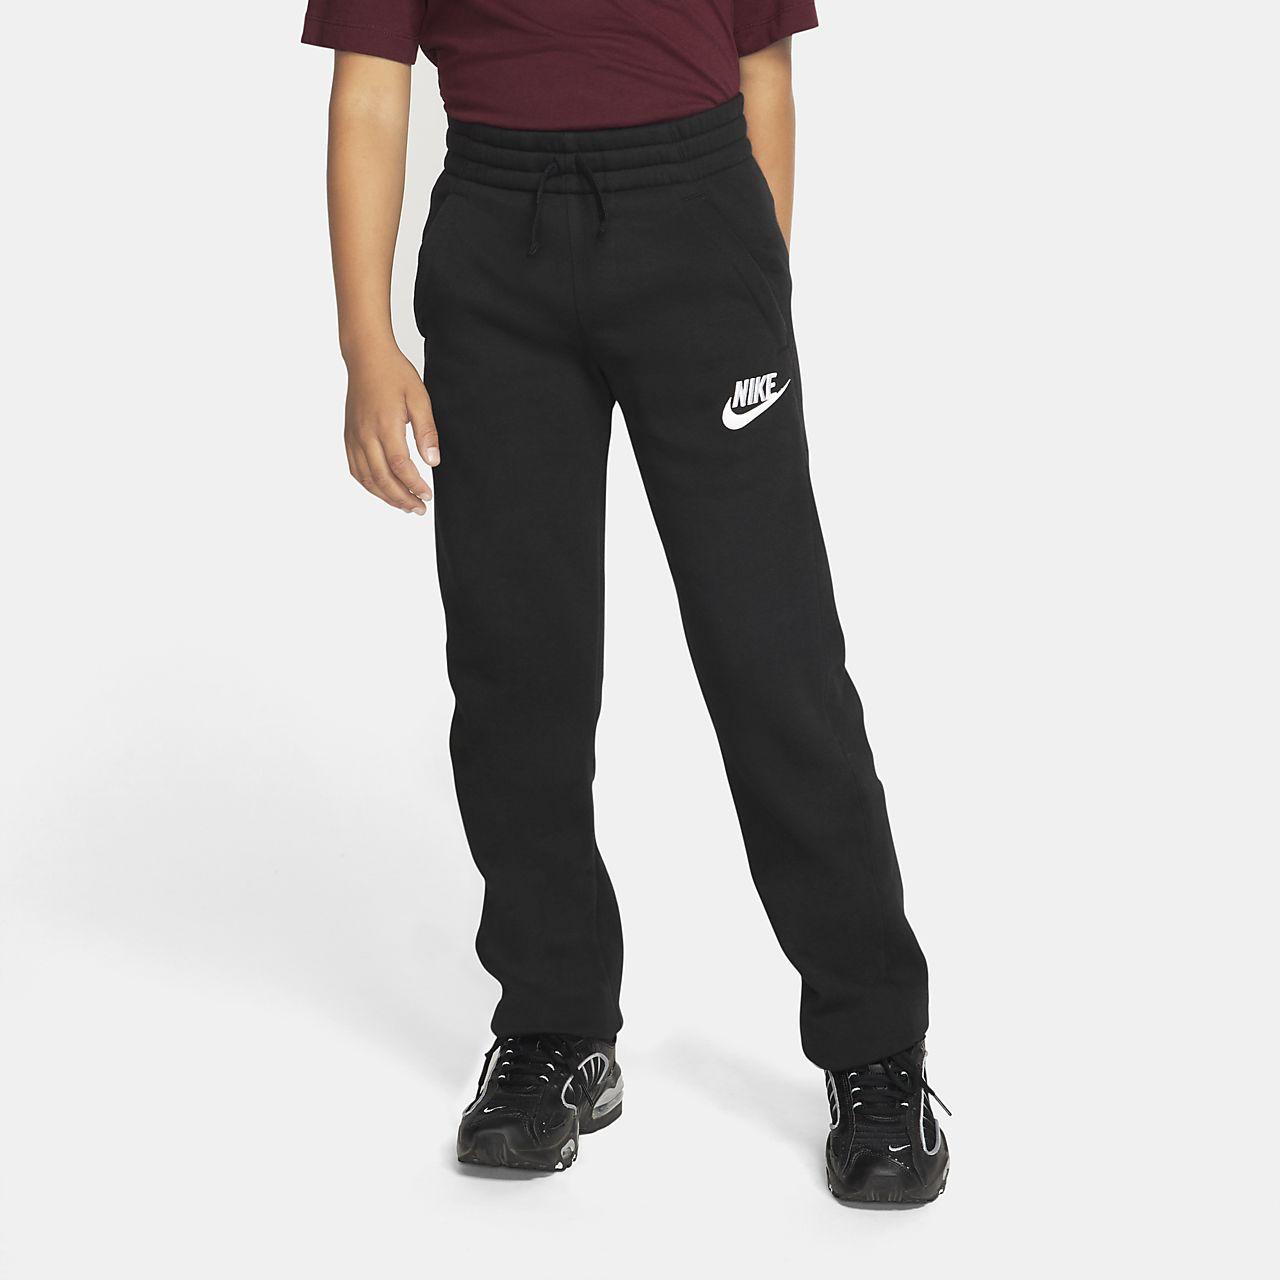 94a0e6c8a1c86 Nike Sportswear Club Fleece Big Kids  (Boys ) Pants. Nike.com